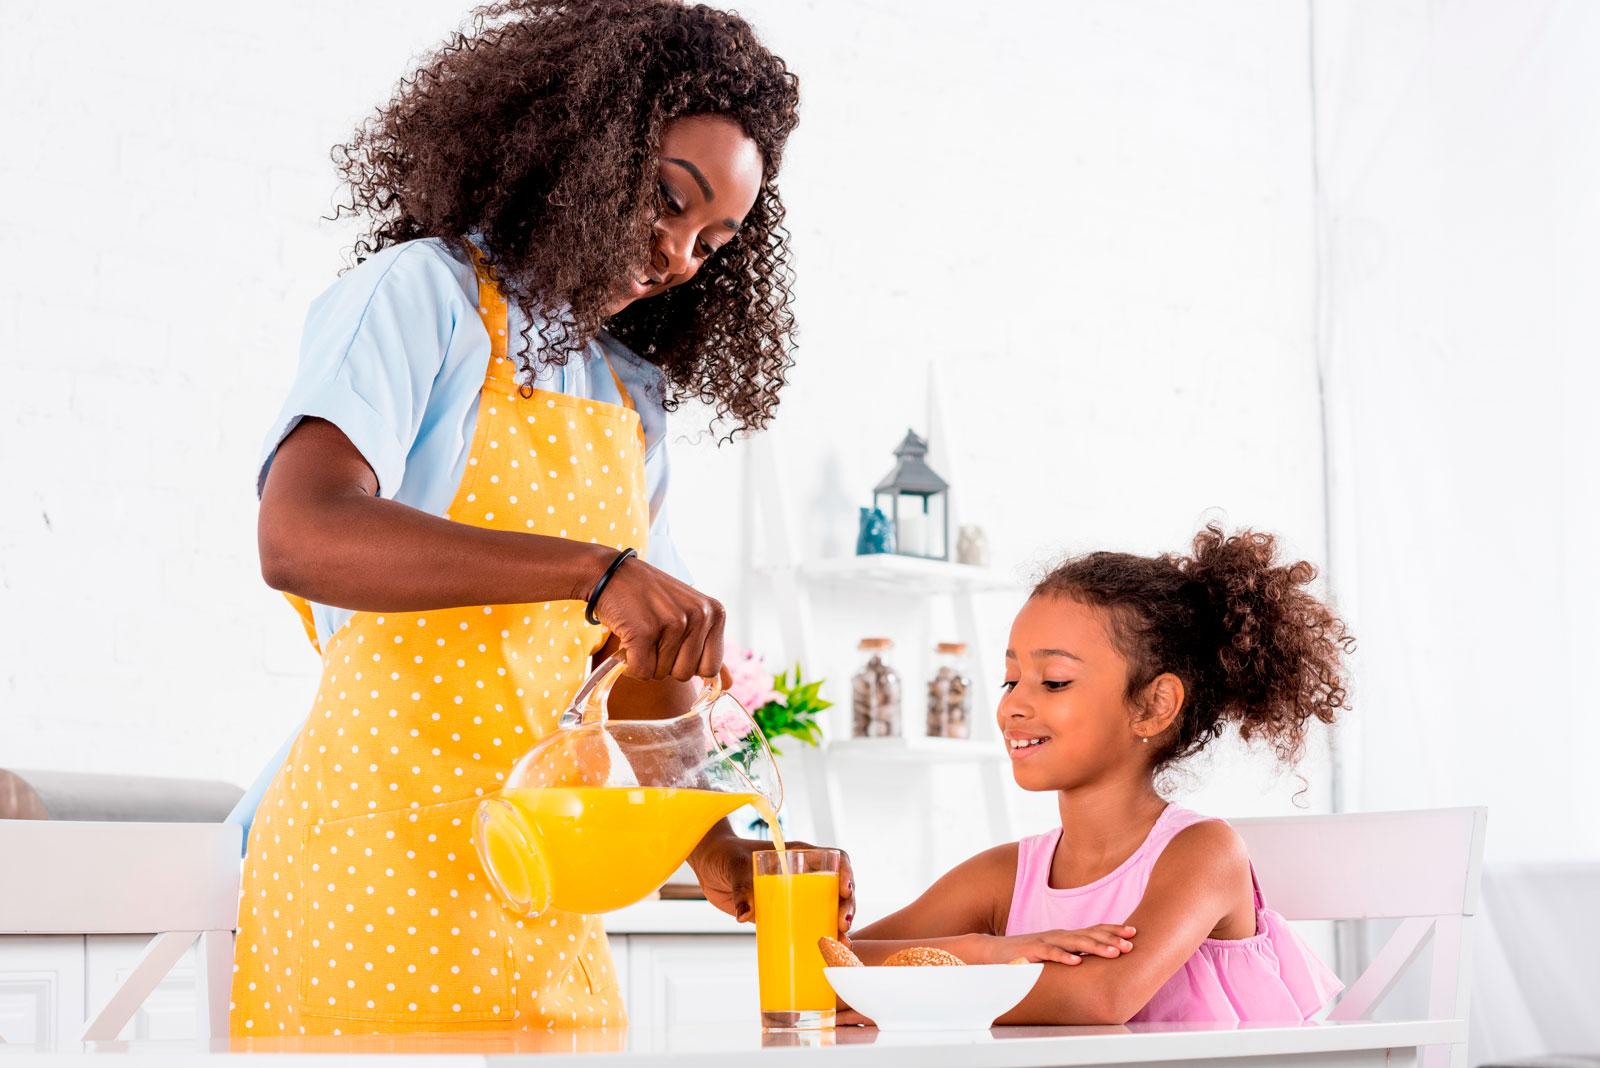 Novo estudo mostra que crianças e adultos que consumiram suco de laranja 100% tiveram dietas de melhor qualidade com mais flavonóides bioativos e sem efeitos negativos no peso corporal